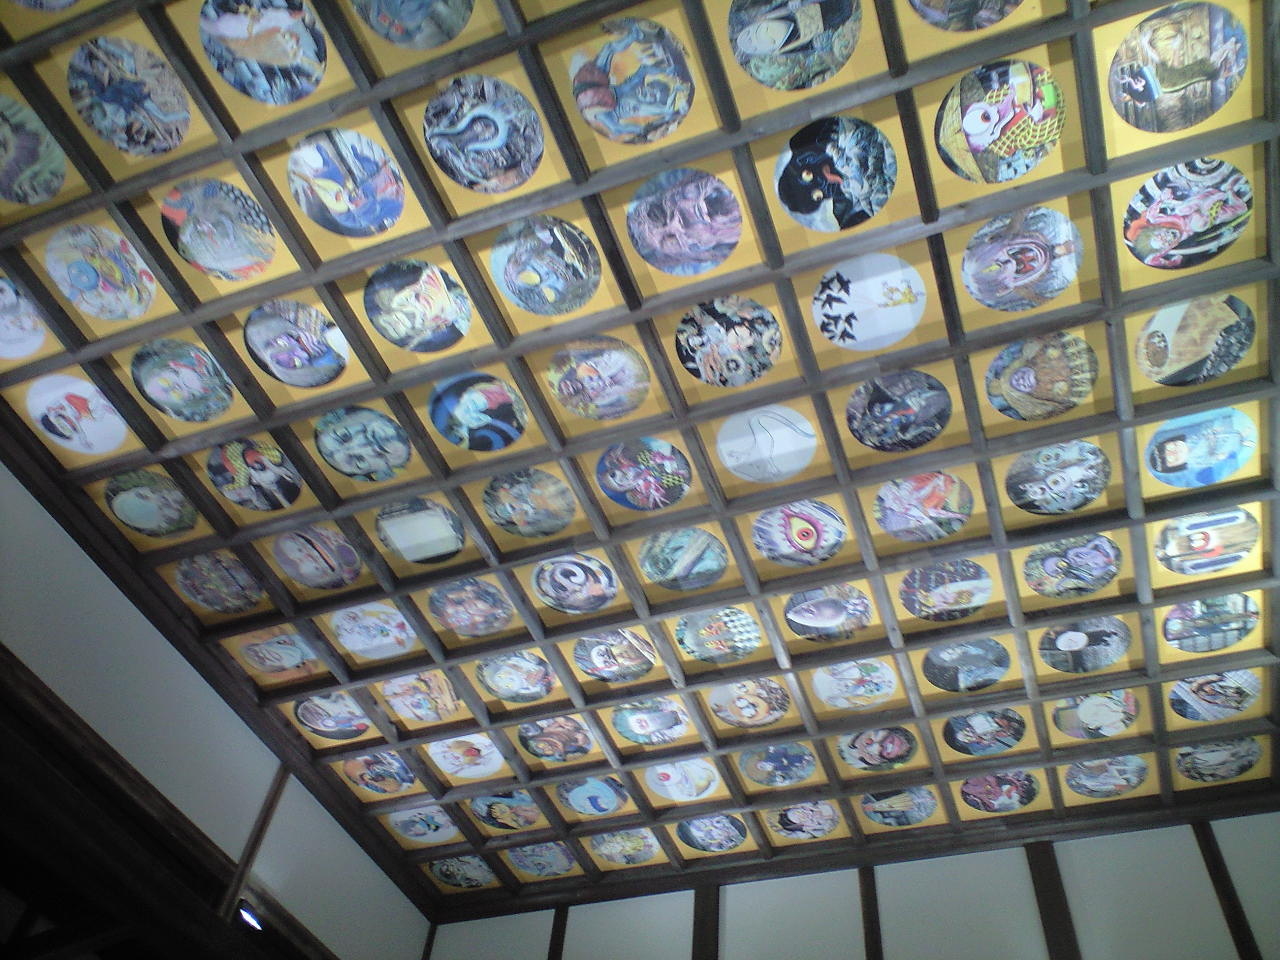 圓流院の妖怪絵天井